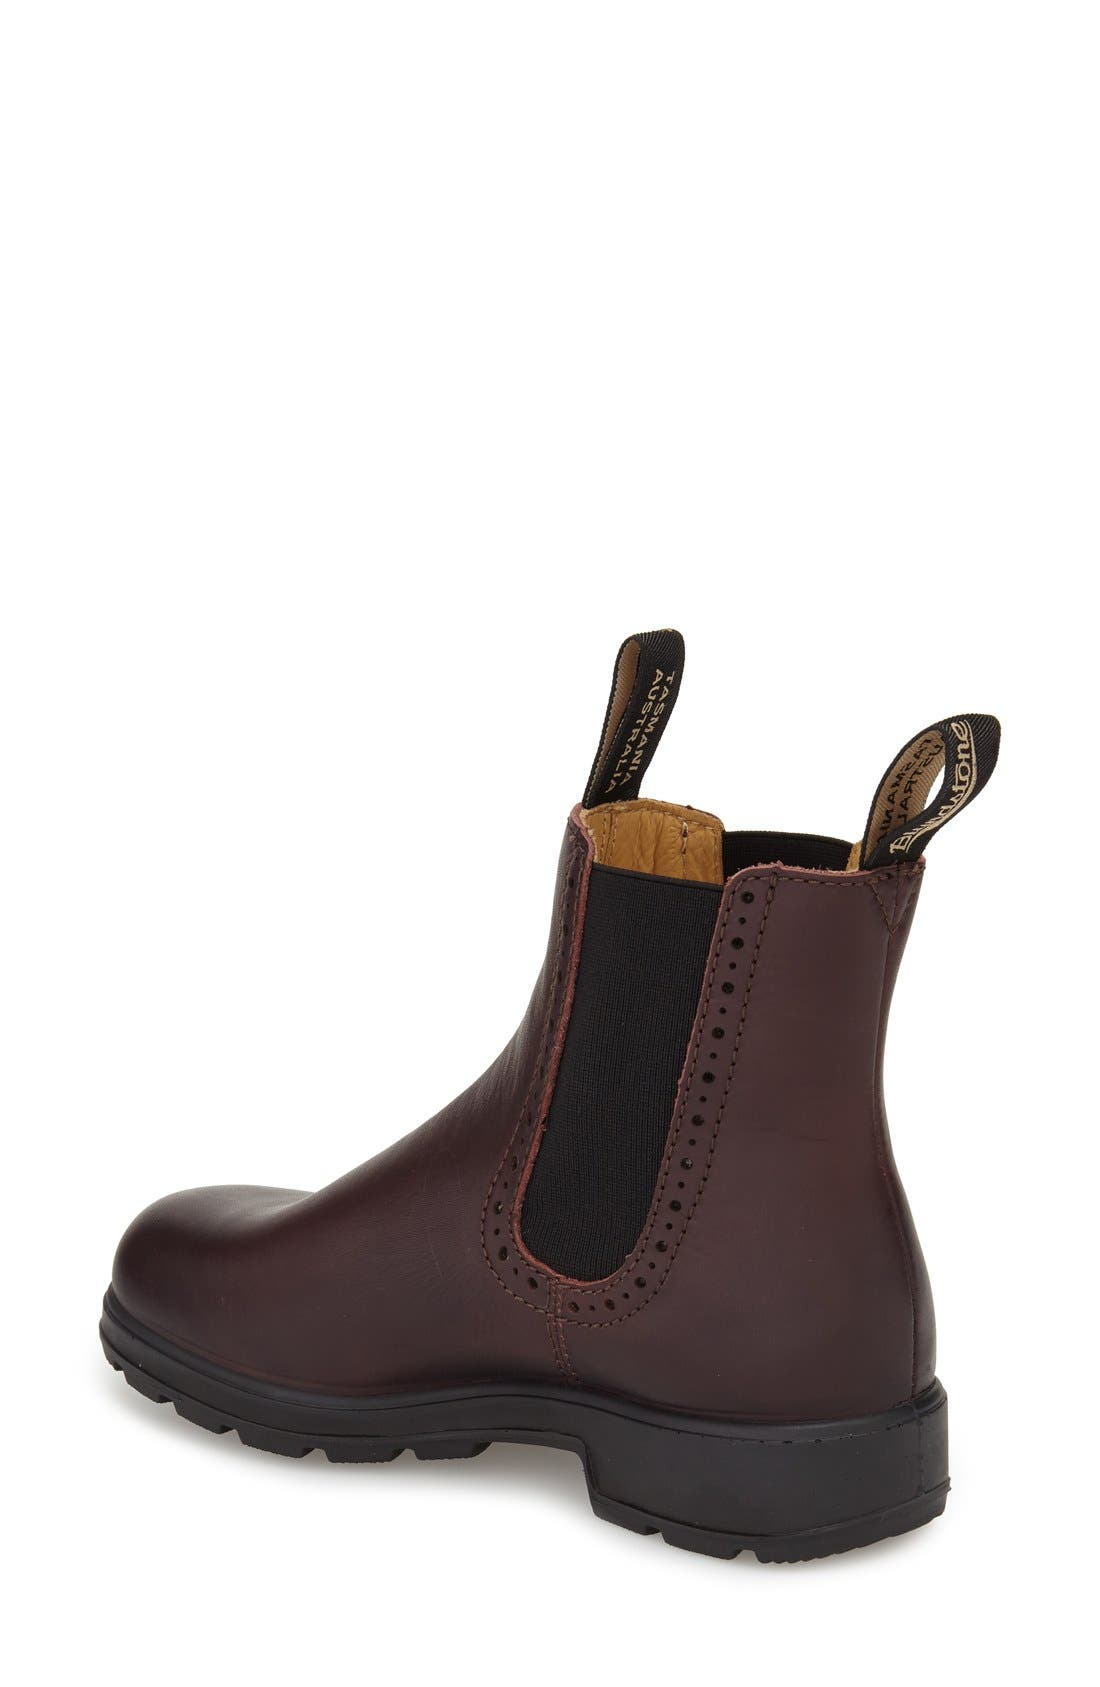 Alternate Image 2  - Blundstone Footwear 'Original Series' Water Resistant Chelsea Boot (Women)